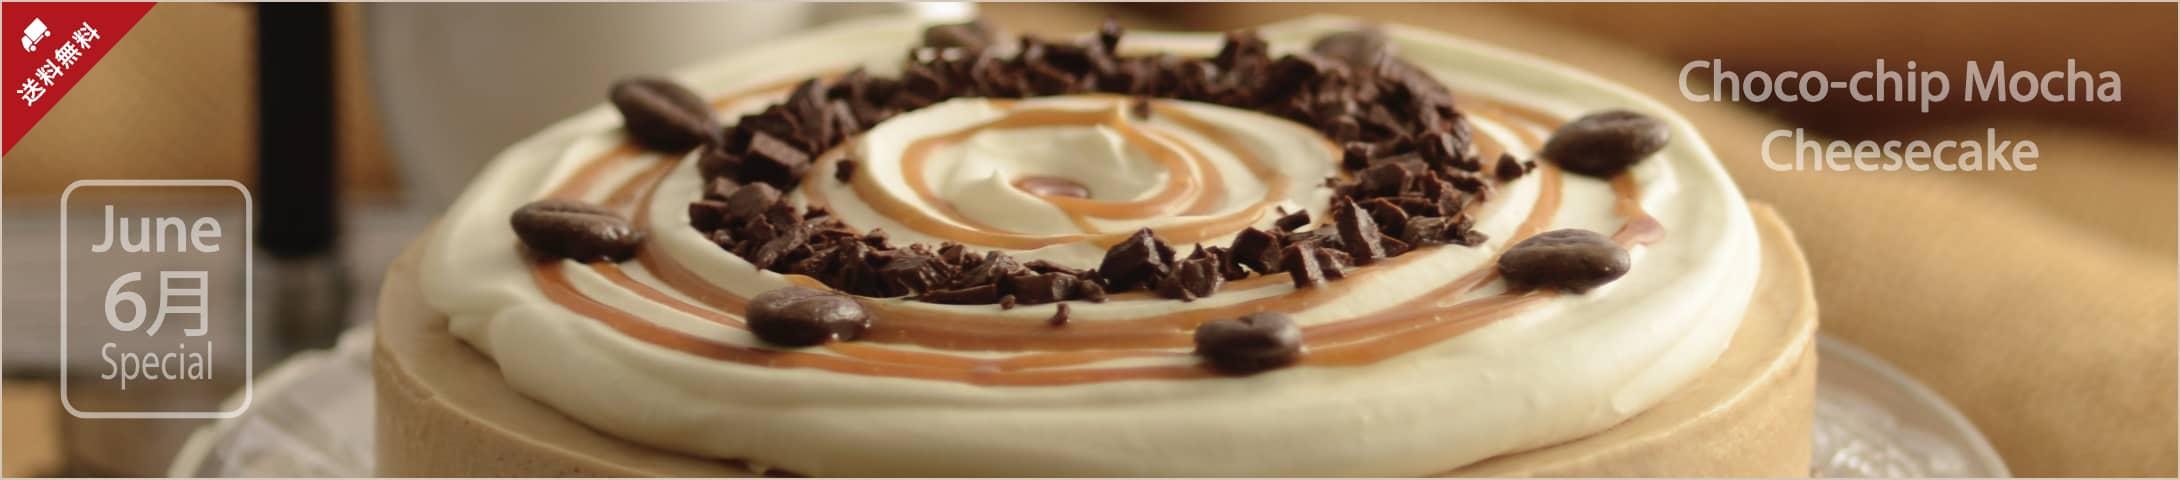 6月限定チョコチップモカチーズケーキ